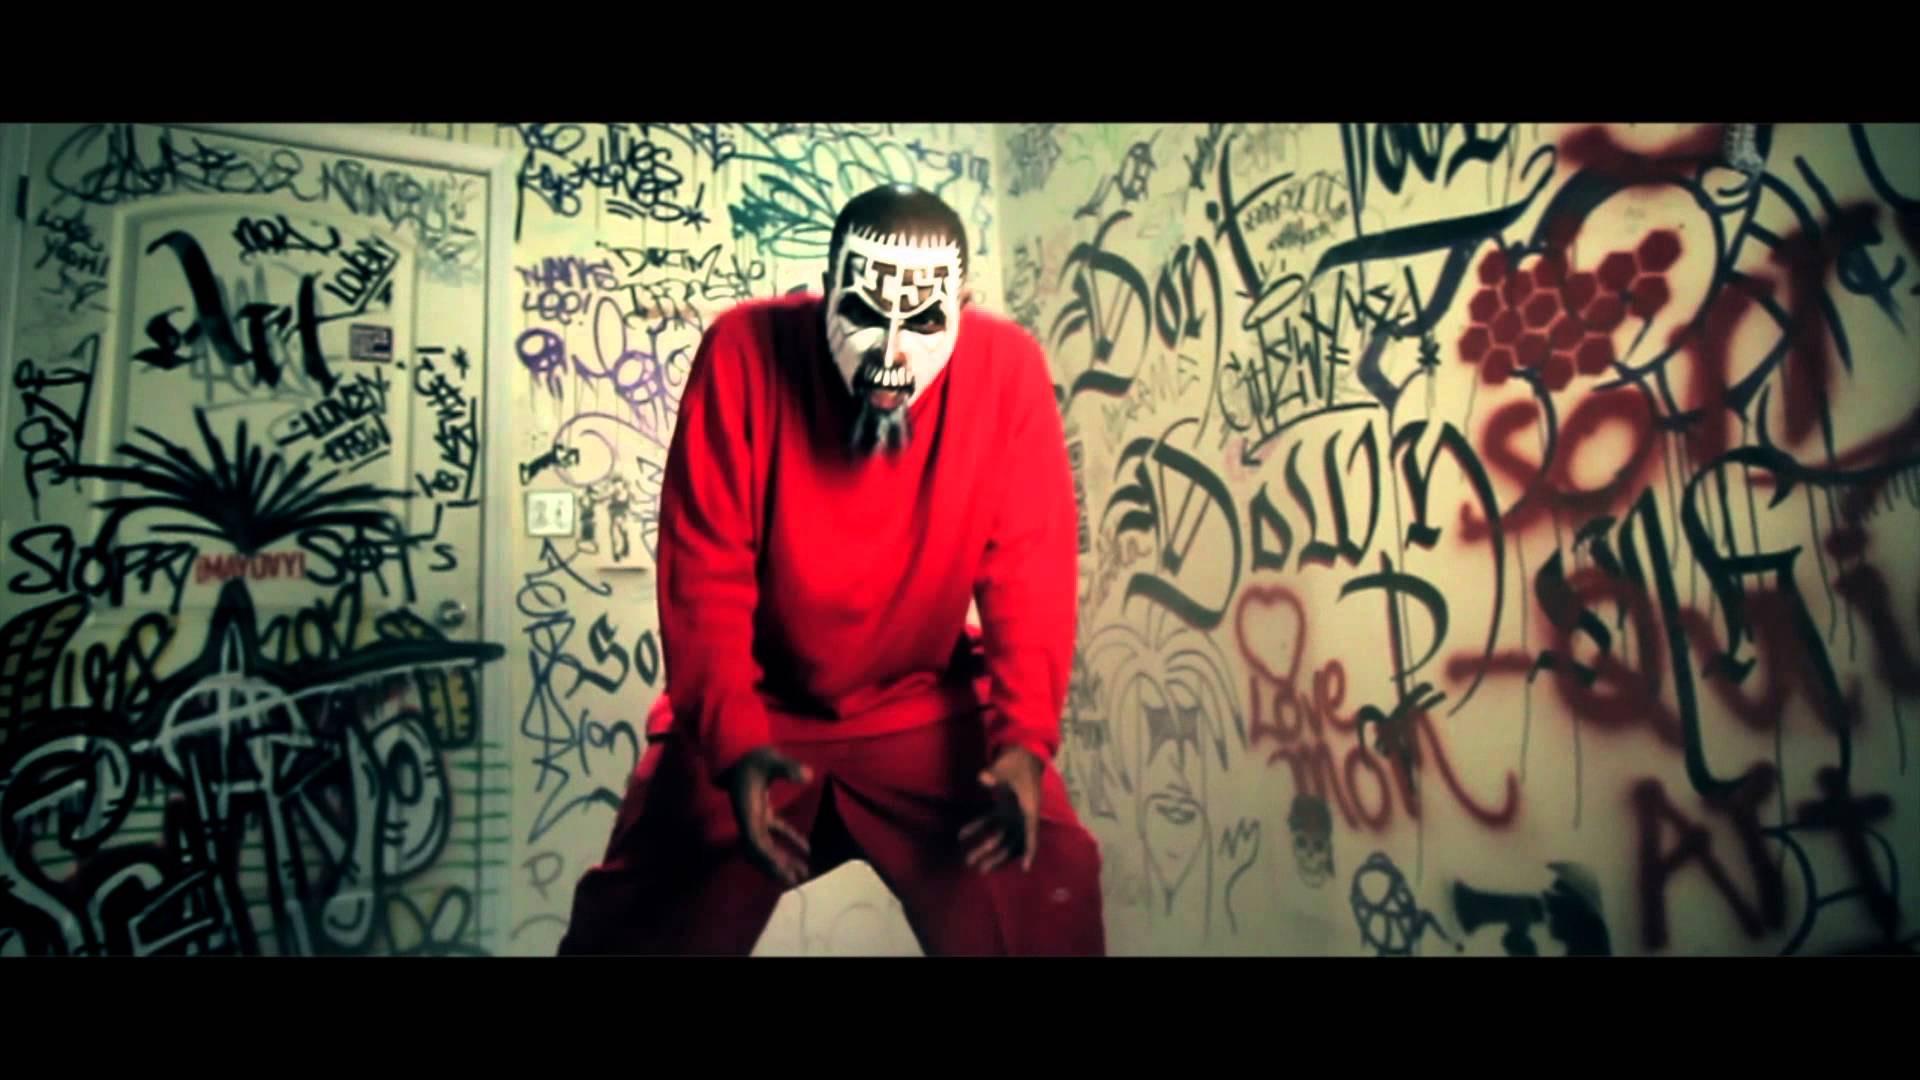 Gangsta wallpaper 69 images 1920x1080 gangsta wallpaper 3d gangster wallpaper qygjxz voltagebd Choice Image